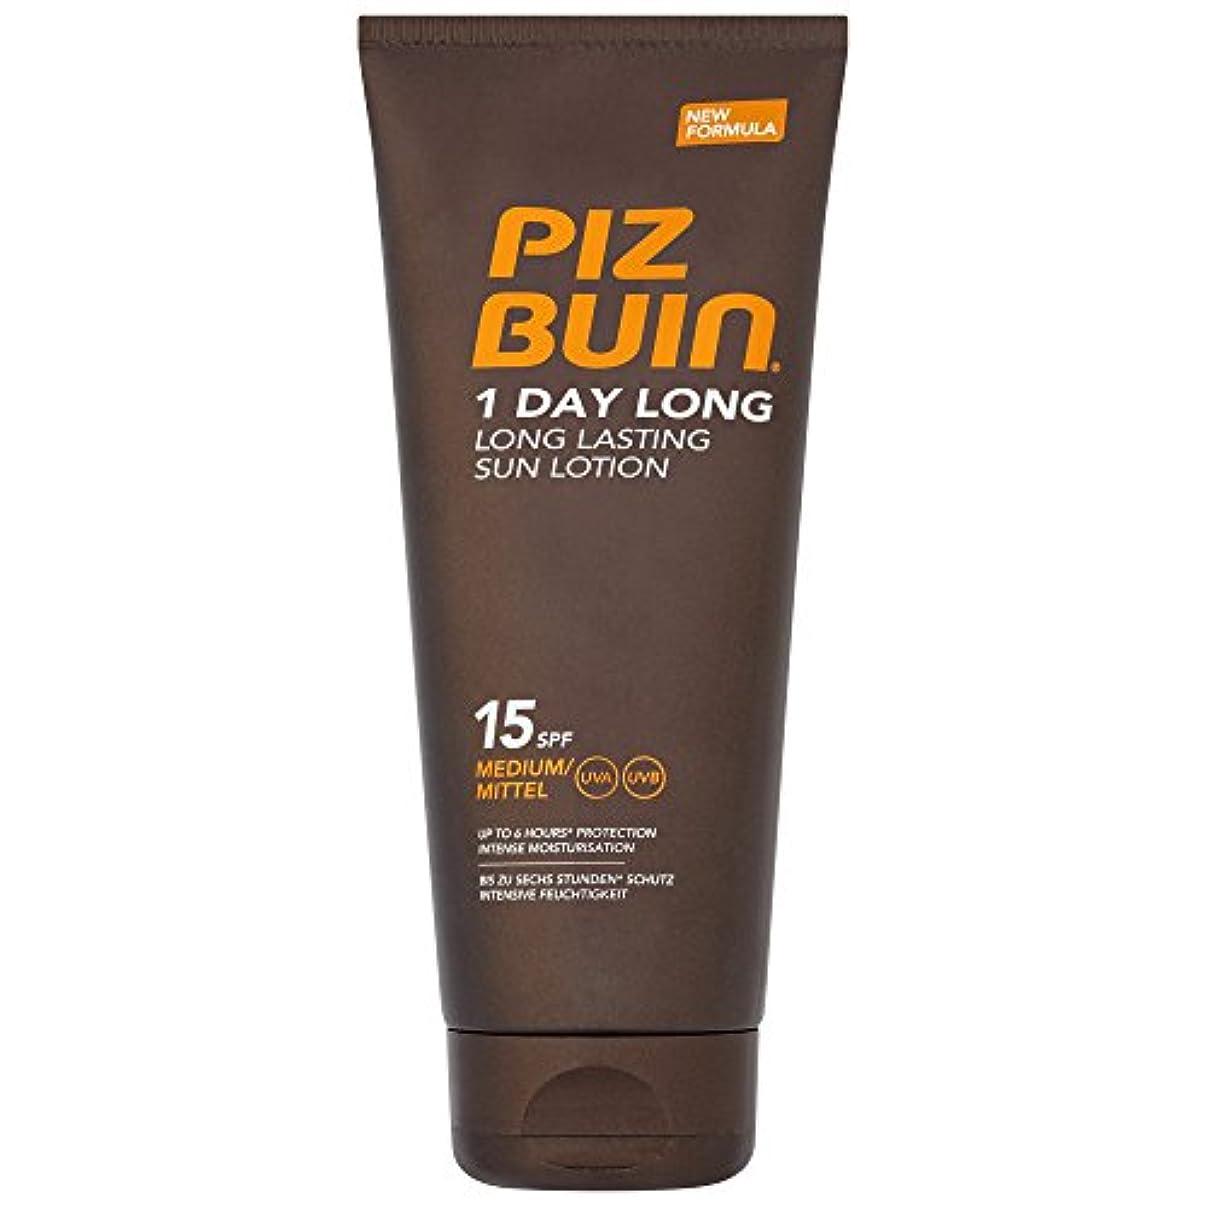 消費者彼女自身作るピッツブーインの1日長い15の日焼けローション200 x4 - Piz Buin 1 Day Long SPF15 Sun Lotion 200ml (Pack of 4) [並行輸入品]